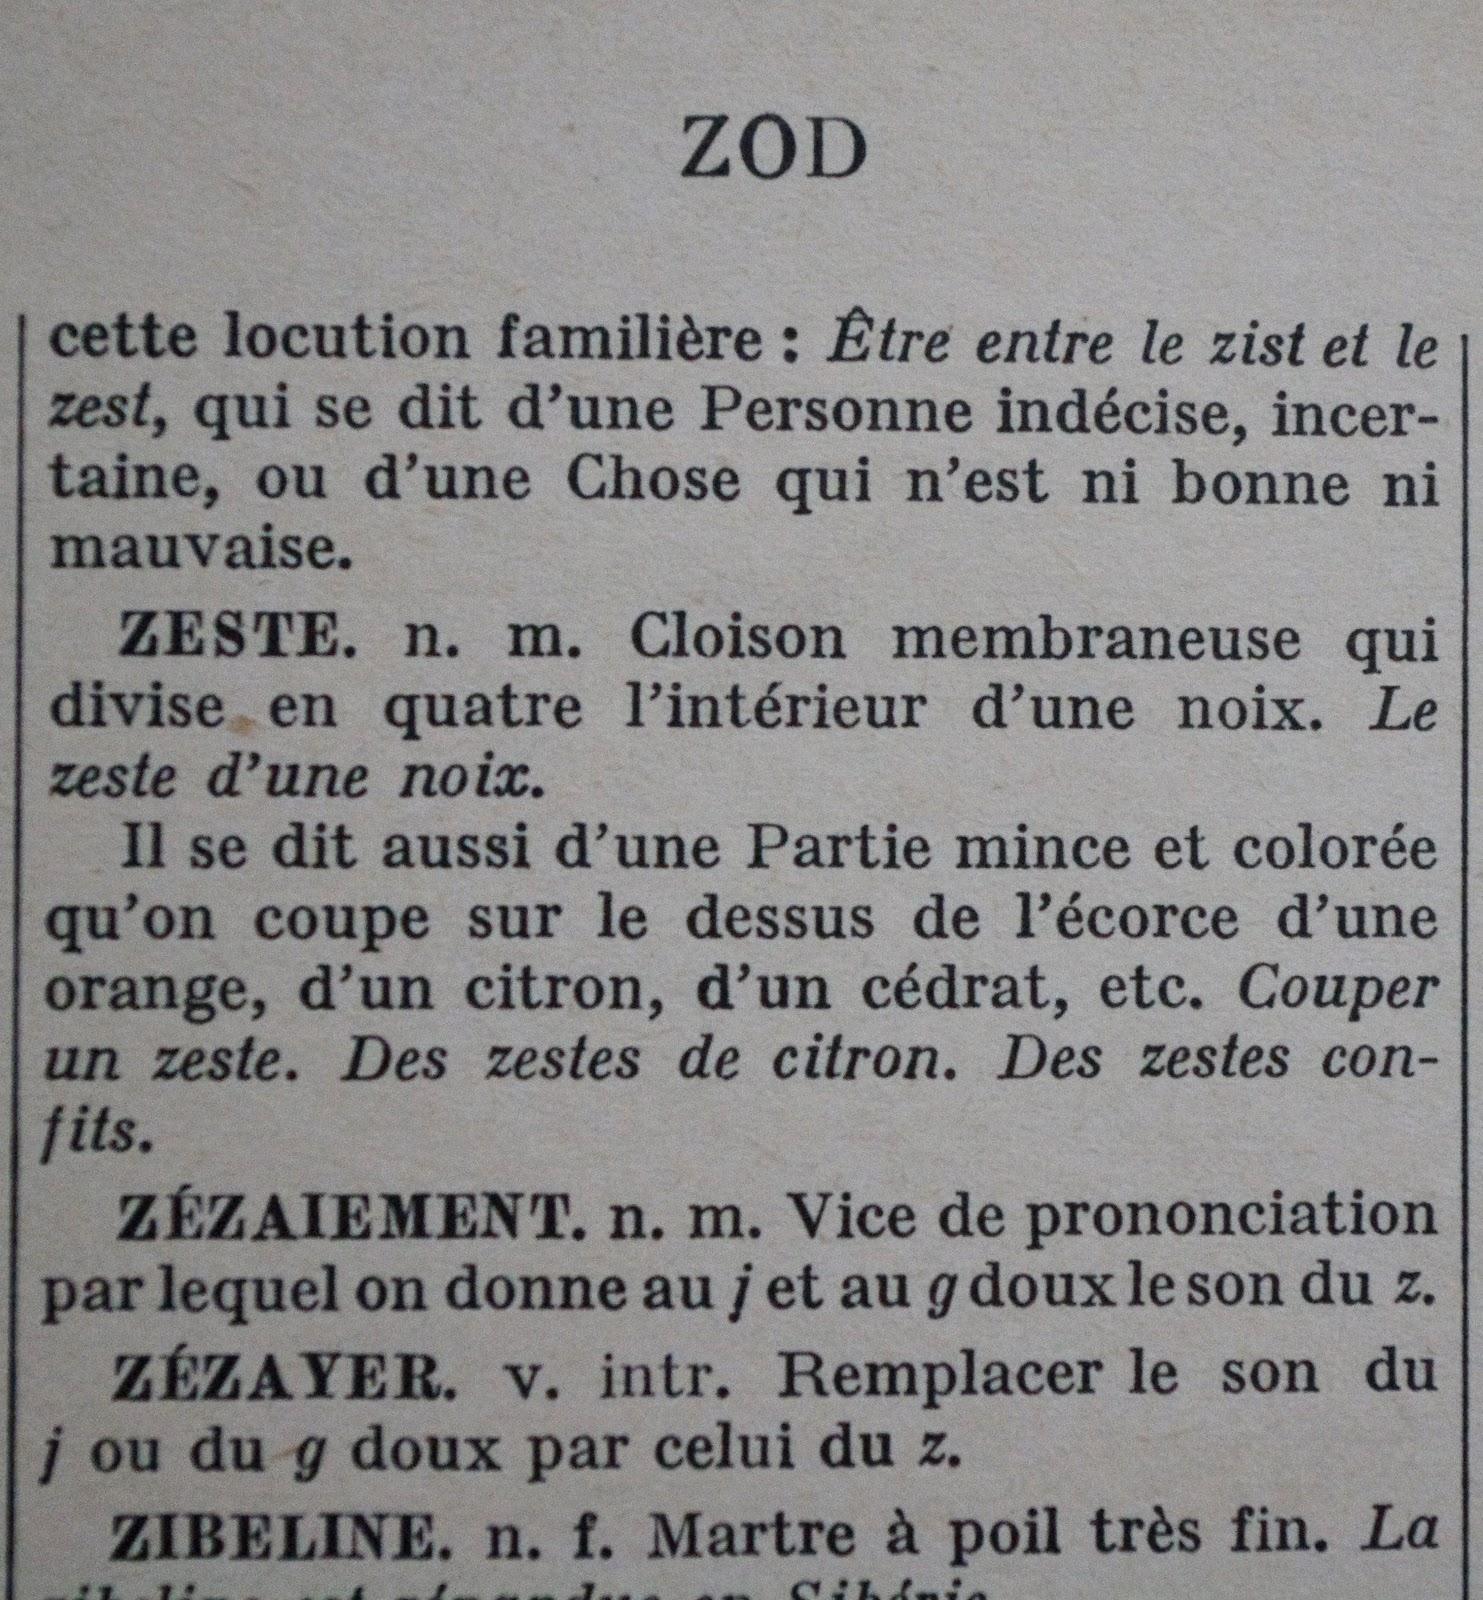 b7ef8283ed7 Le blogue de Pierre Bouillon  ZESTE. ZIST. ZEST. Être entre le zist ...